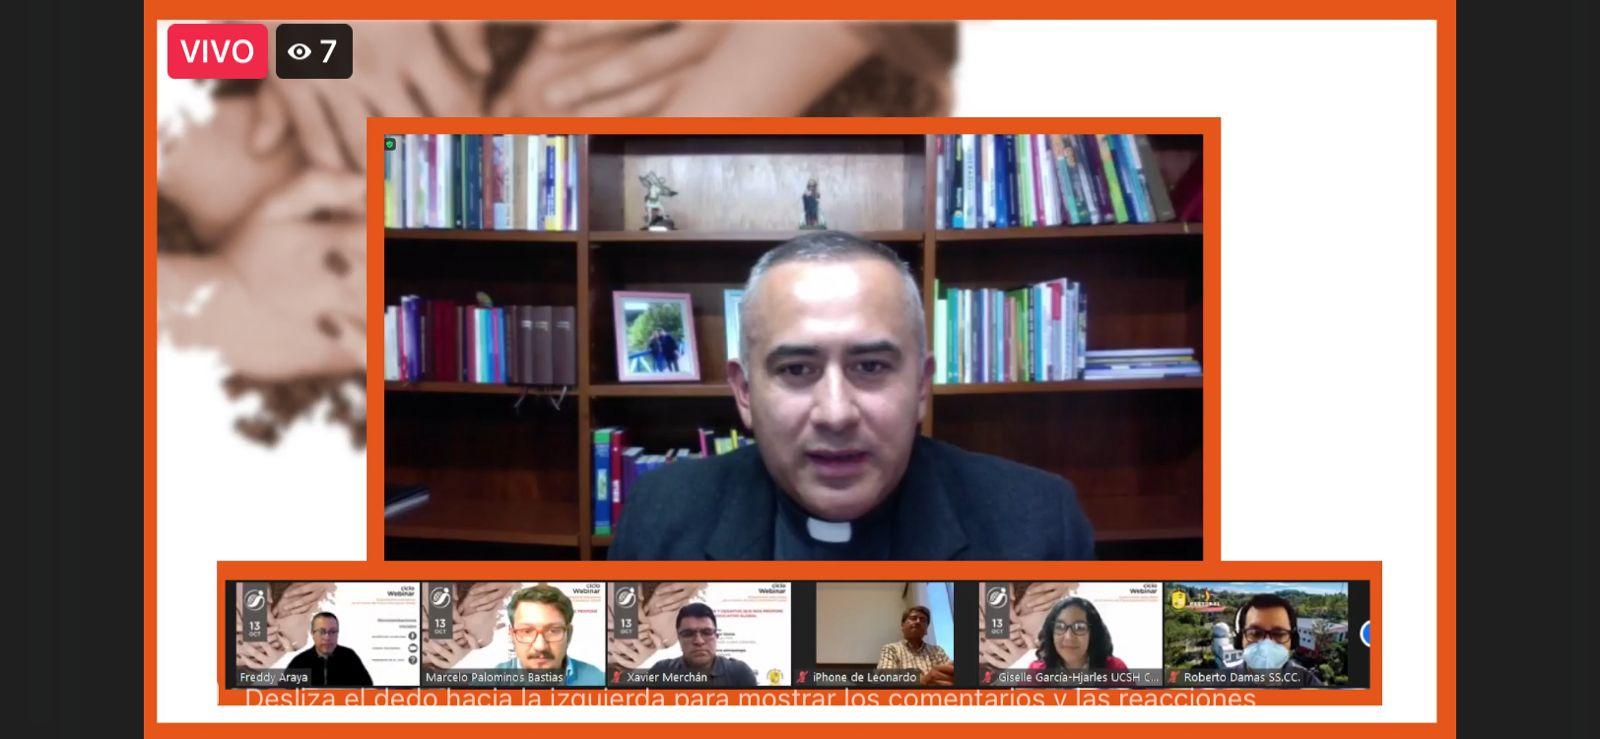 Primer Encuentro Salesiano del Ciclo Webinars del Pacto Educativo Global